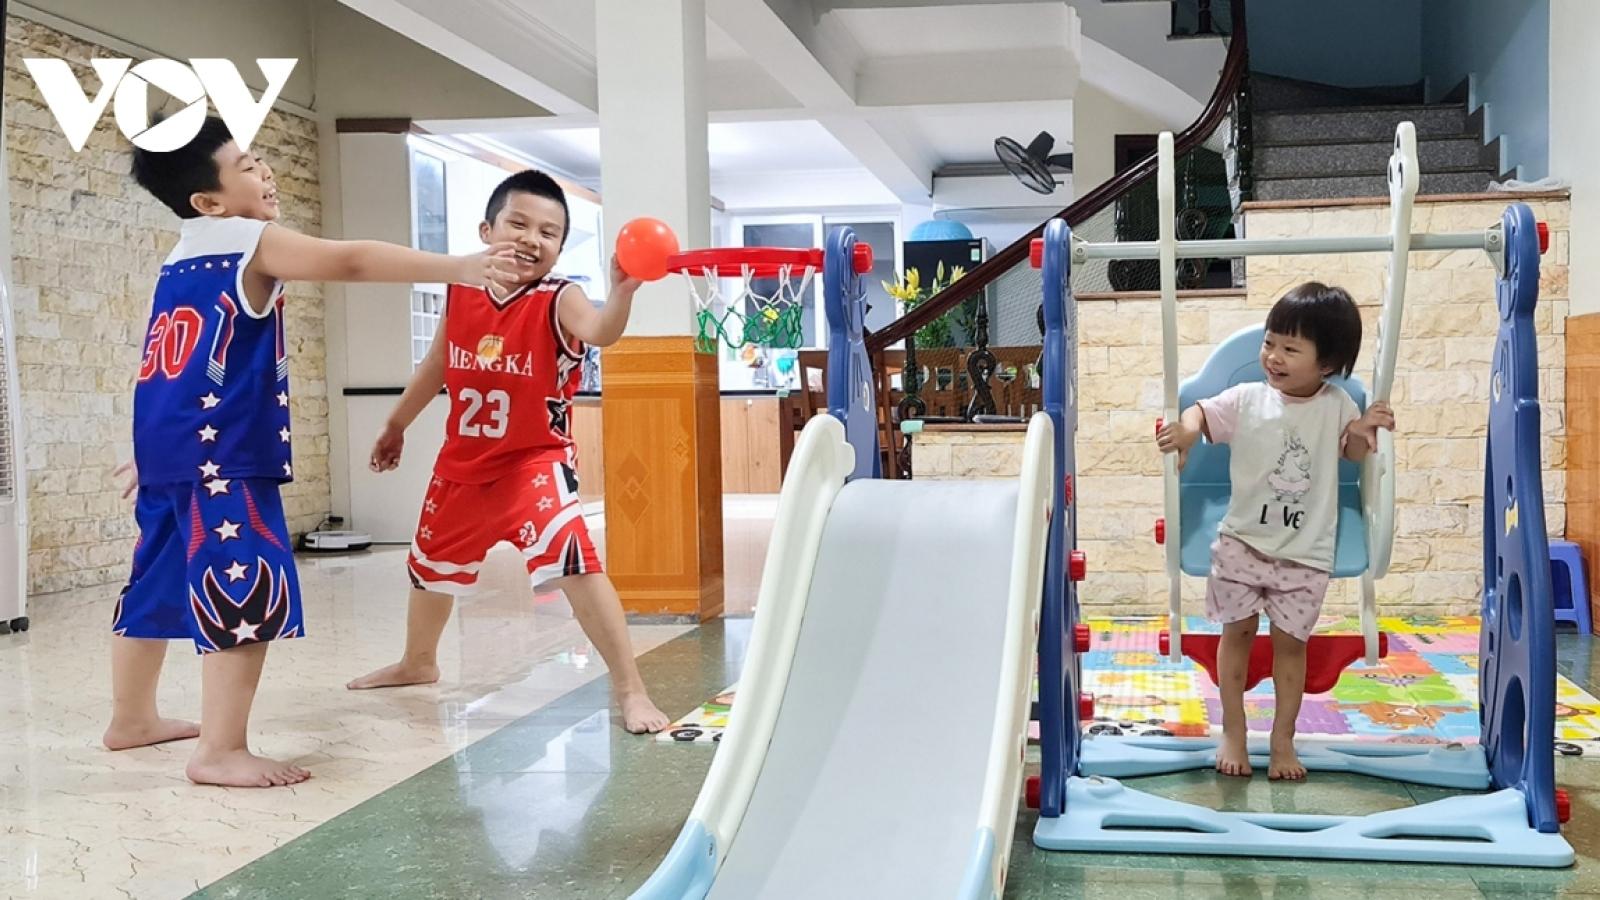 Bắc Giang yêu cầu khẩn trương hỗ trợ trẻ em mắc Covid-19, trẻ đang cách ly tập trung